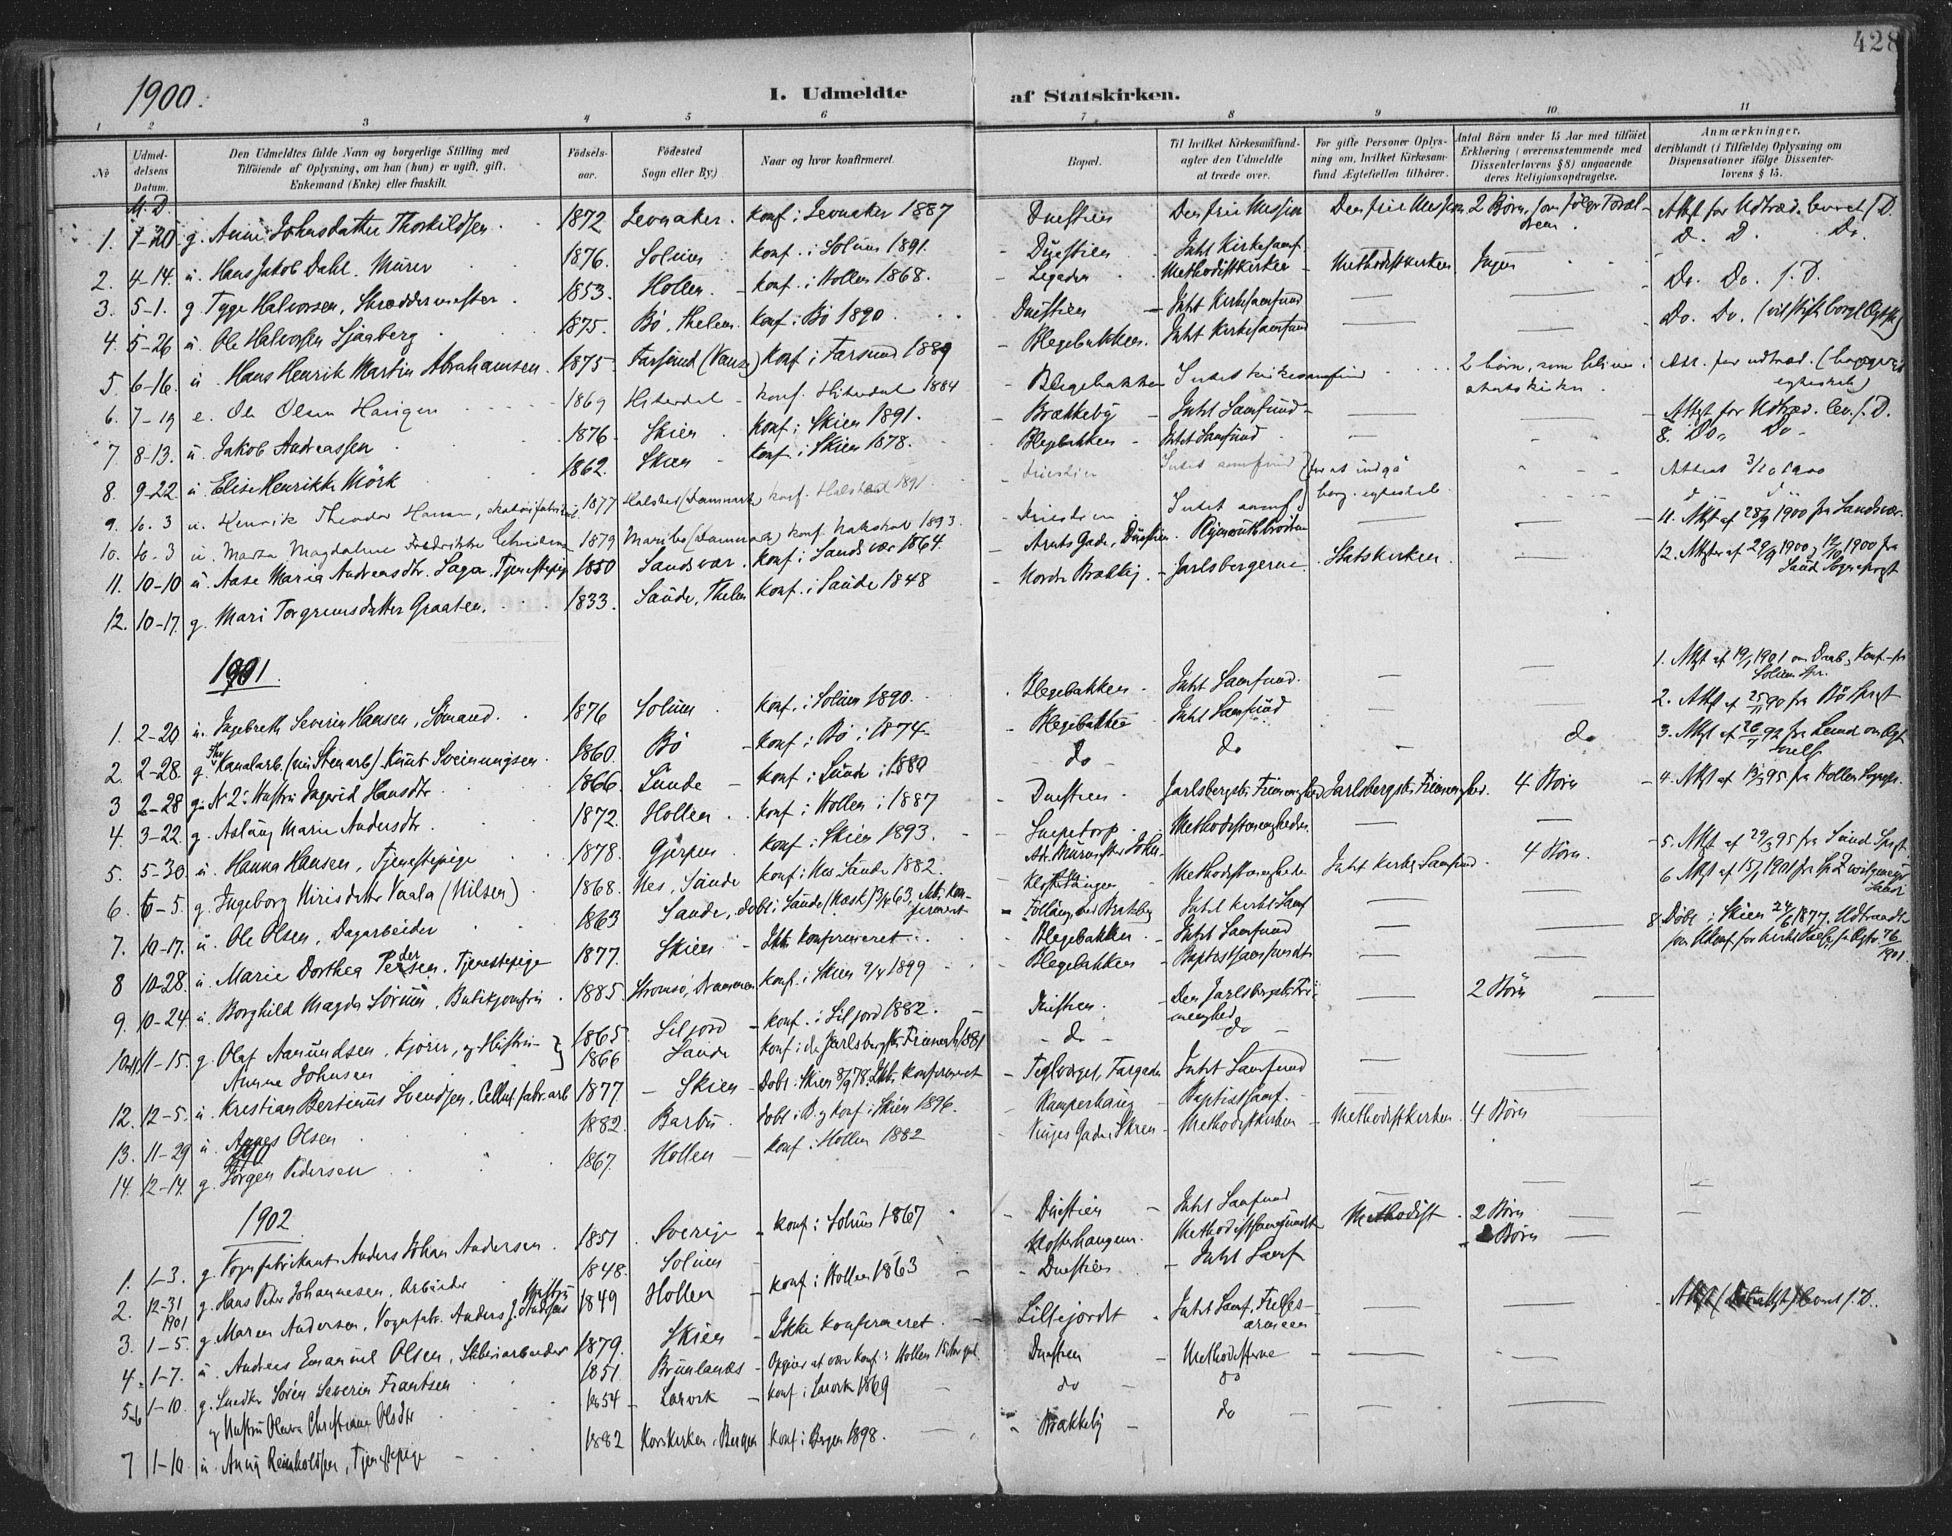 SAKO, Skien kirkebøker, F/Fa/L0011: Ministerialbok nr. 11, 1900-1907, s. 428